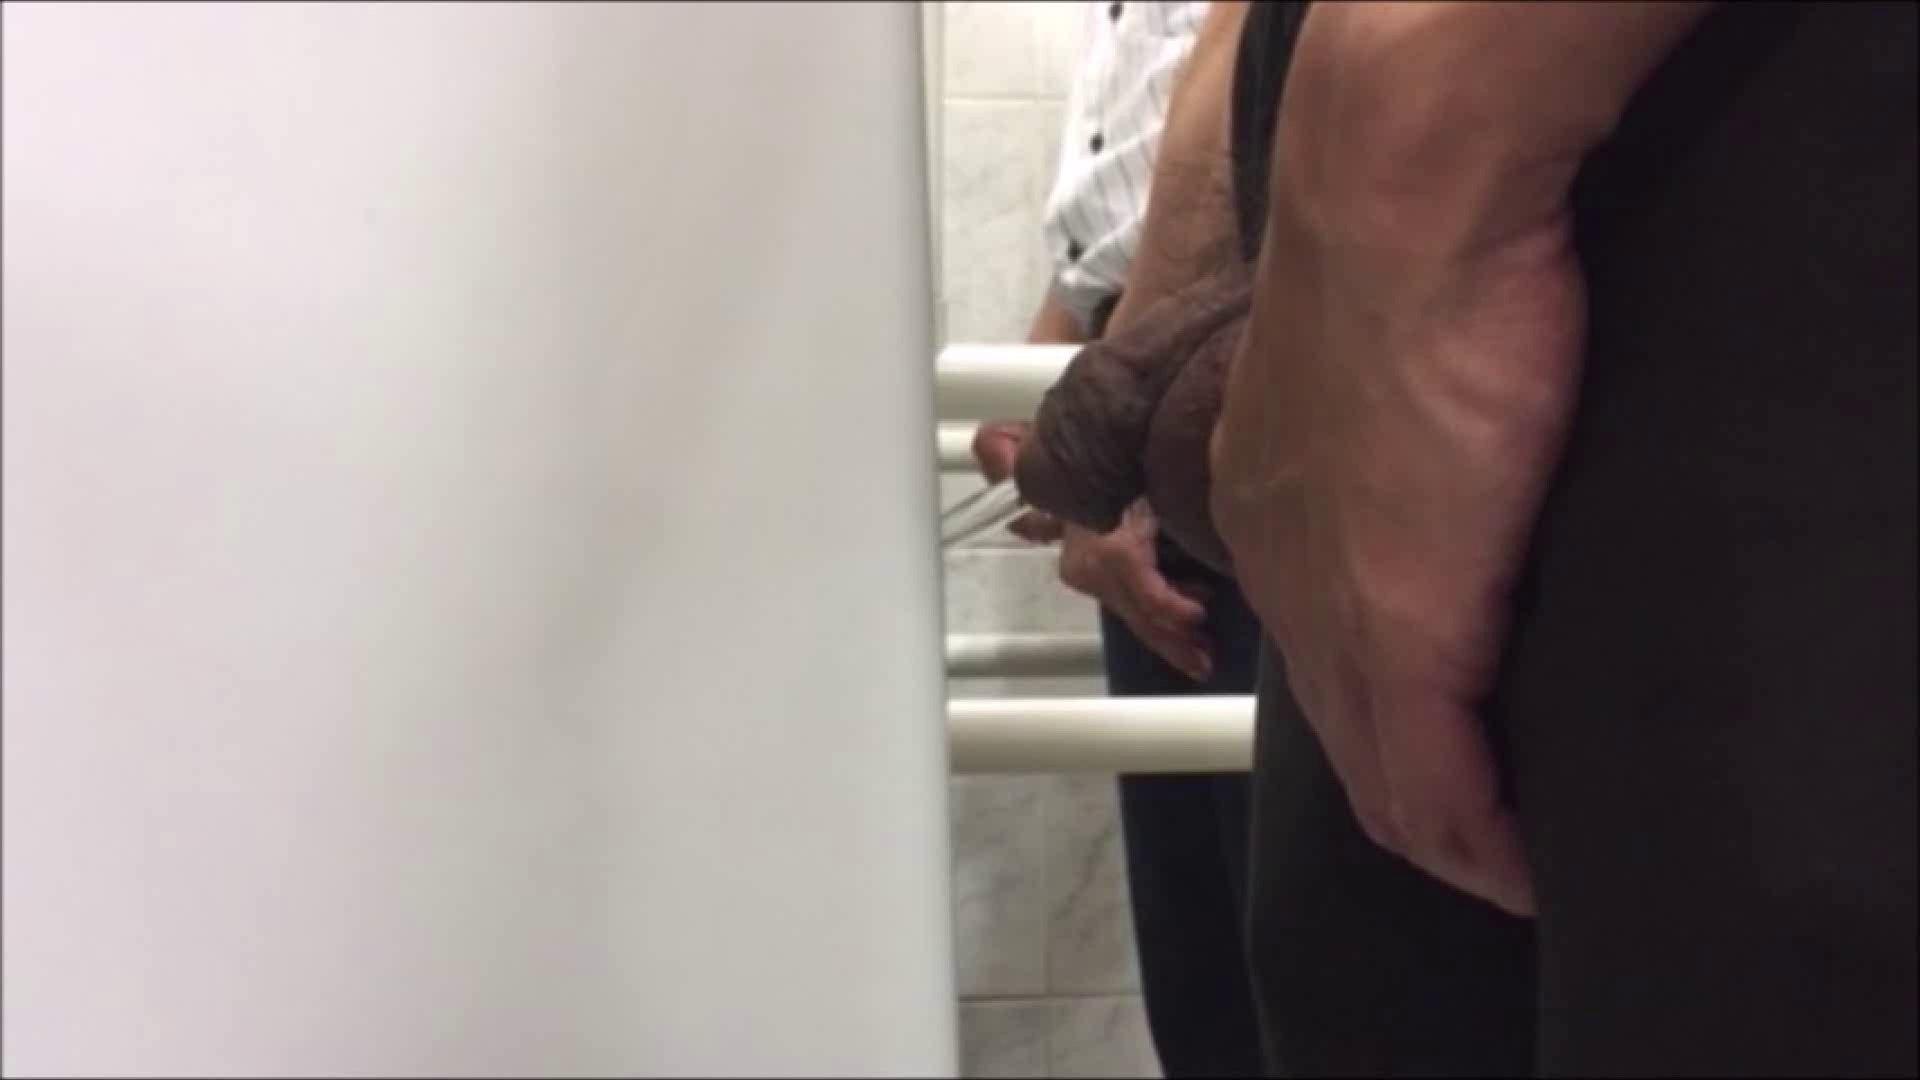 無修正セックス盗撮:すみませんが覗かせてください Vol.12:放尿